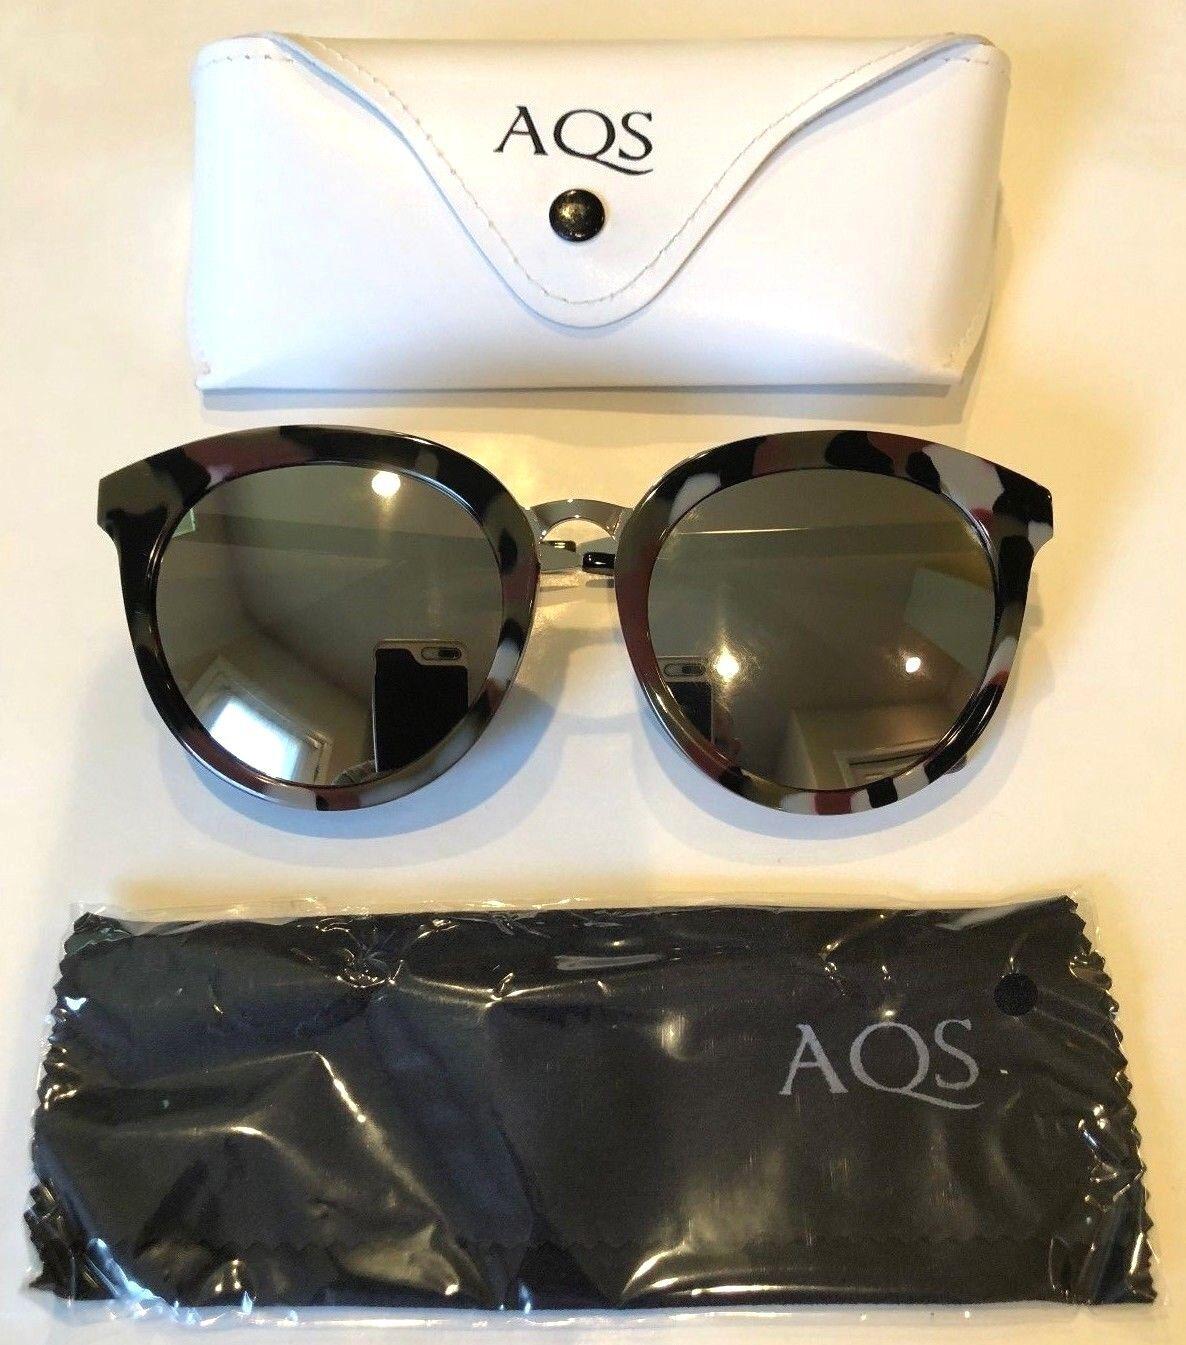 *NEW* AQS Aquaswiss Poppy Sunglasses Gray/Brown Camo frame Mirror lens- Ret